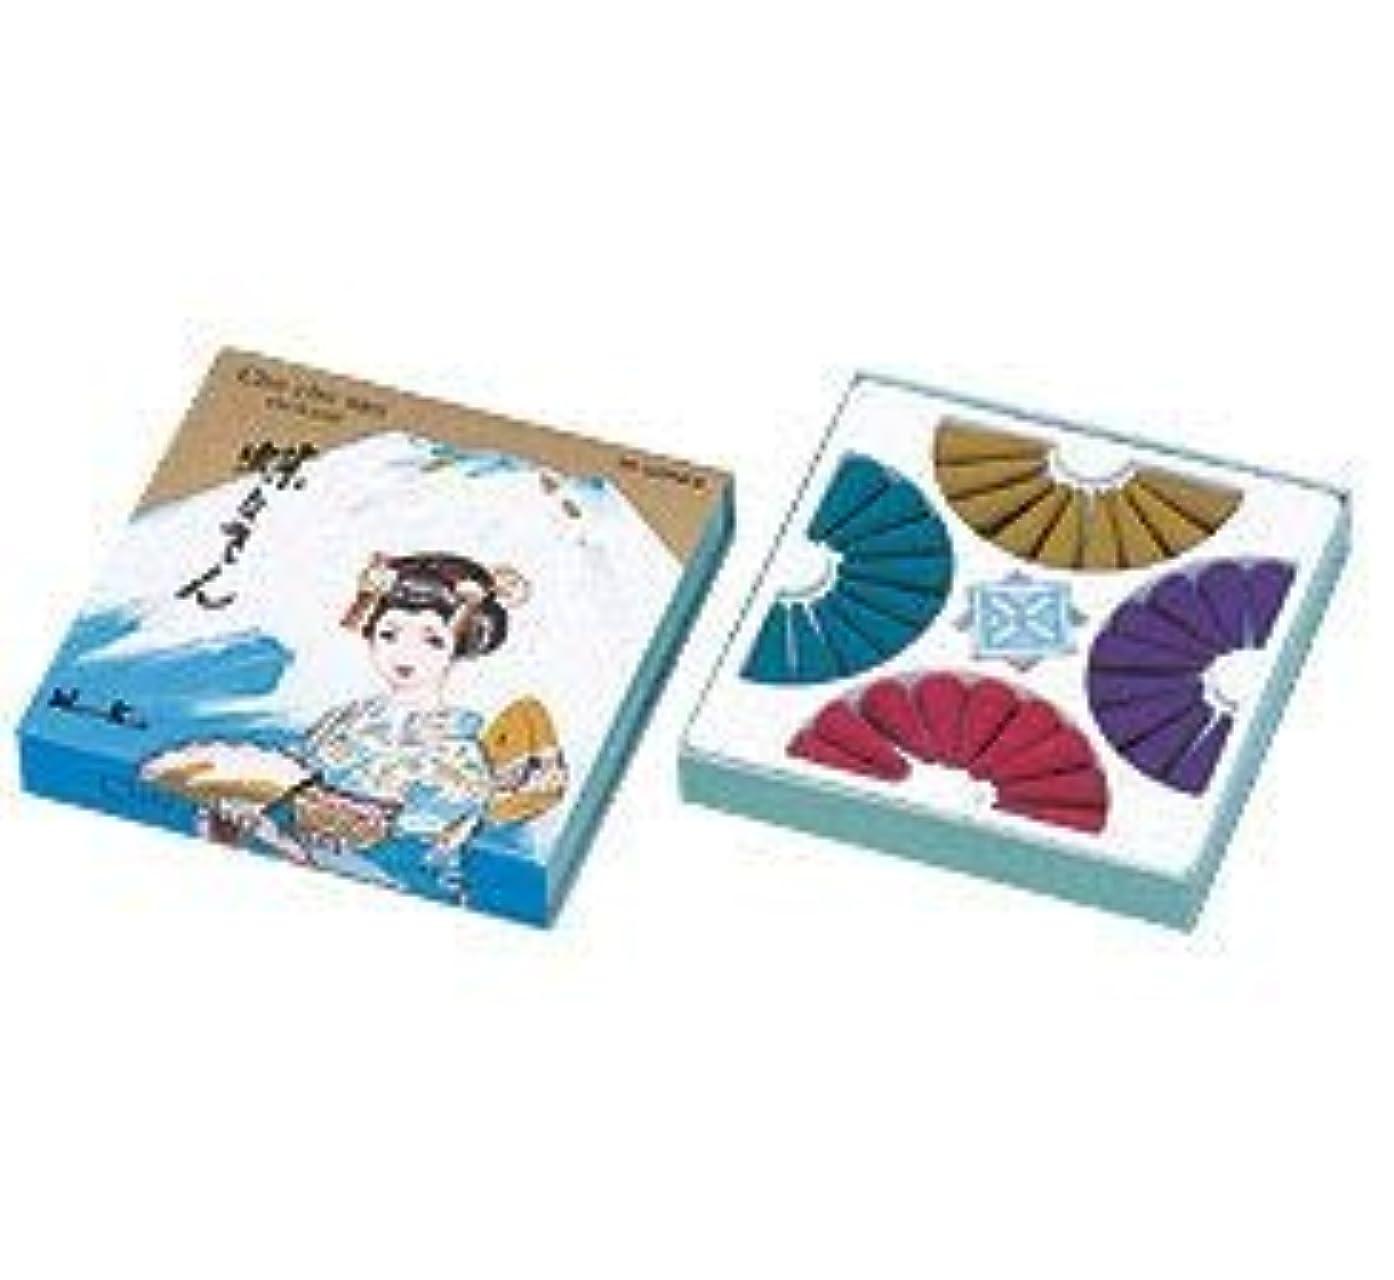 ファントム音スペクトラム蝶々さん 36個 × 180個セット